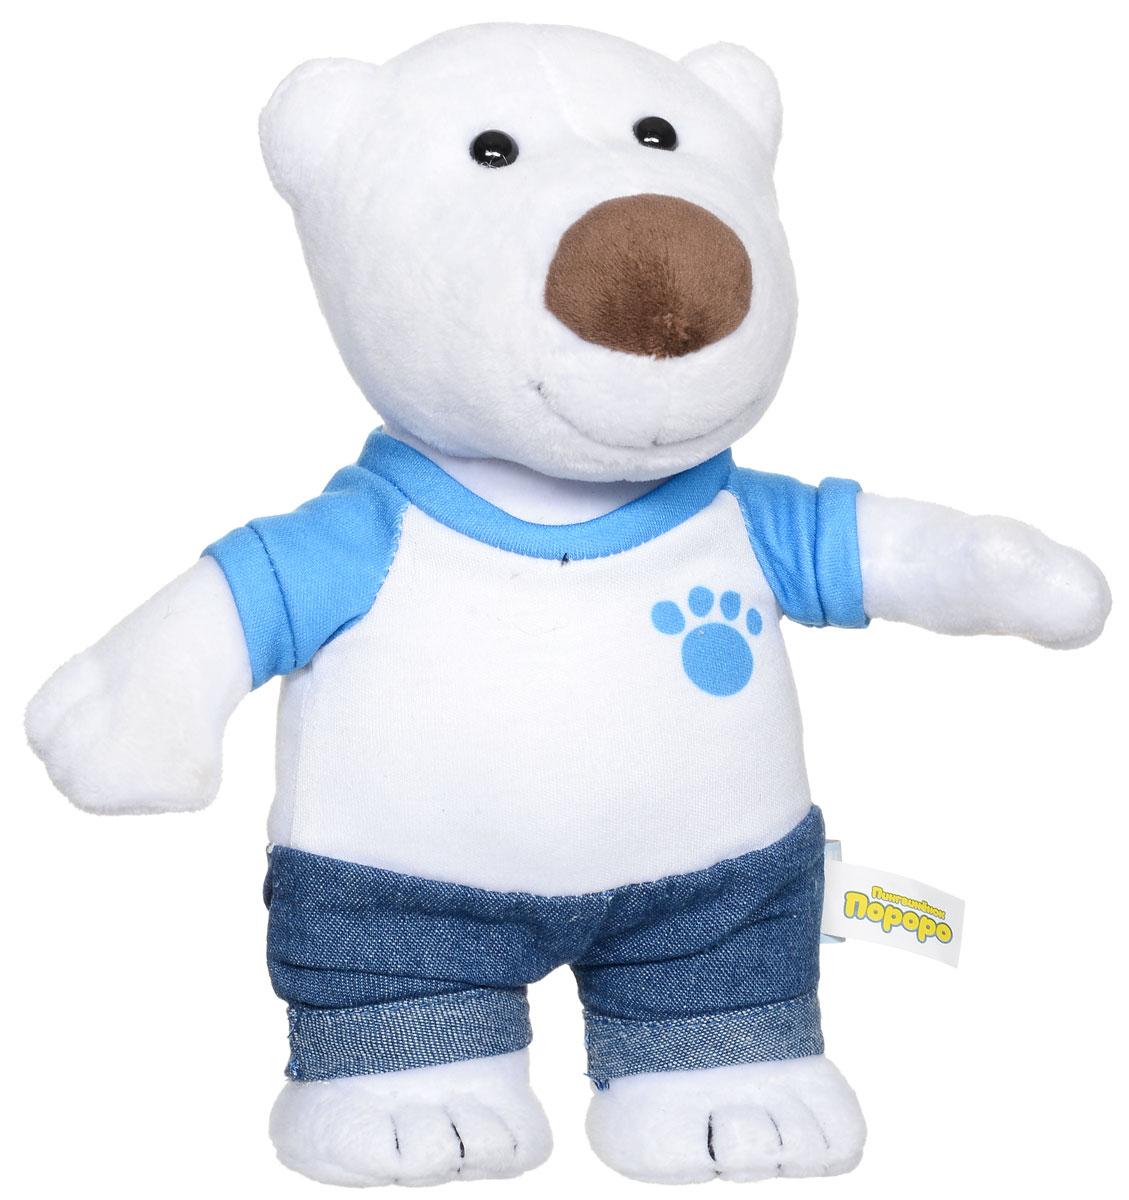 Мульти-Пульти Мягкая озвученная игрушка Полярный медведь Поби 22 смV92260/22Мягкая озвученная игрушка Мульти-Пульти представлена в виде полярного медведя из мультсериала Пингвиненок Пороро. Поби заинтересует ребенка не только своим забавным видом, но и звуковым эффектом - он умеет говорить несколько фраз из мультфильма. Медвежонок одет в симпатичную белую футболку и штанишки. Мягкие игрушки помогают познавать окружающий мир через тактильные ощущения, знакомят с животным миром нашей планеты, формируют цветовосприятие и способствуют концентрации внимания. Игрушка работает от незаменяемых батареек.